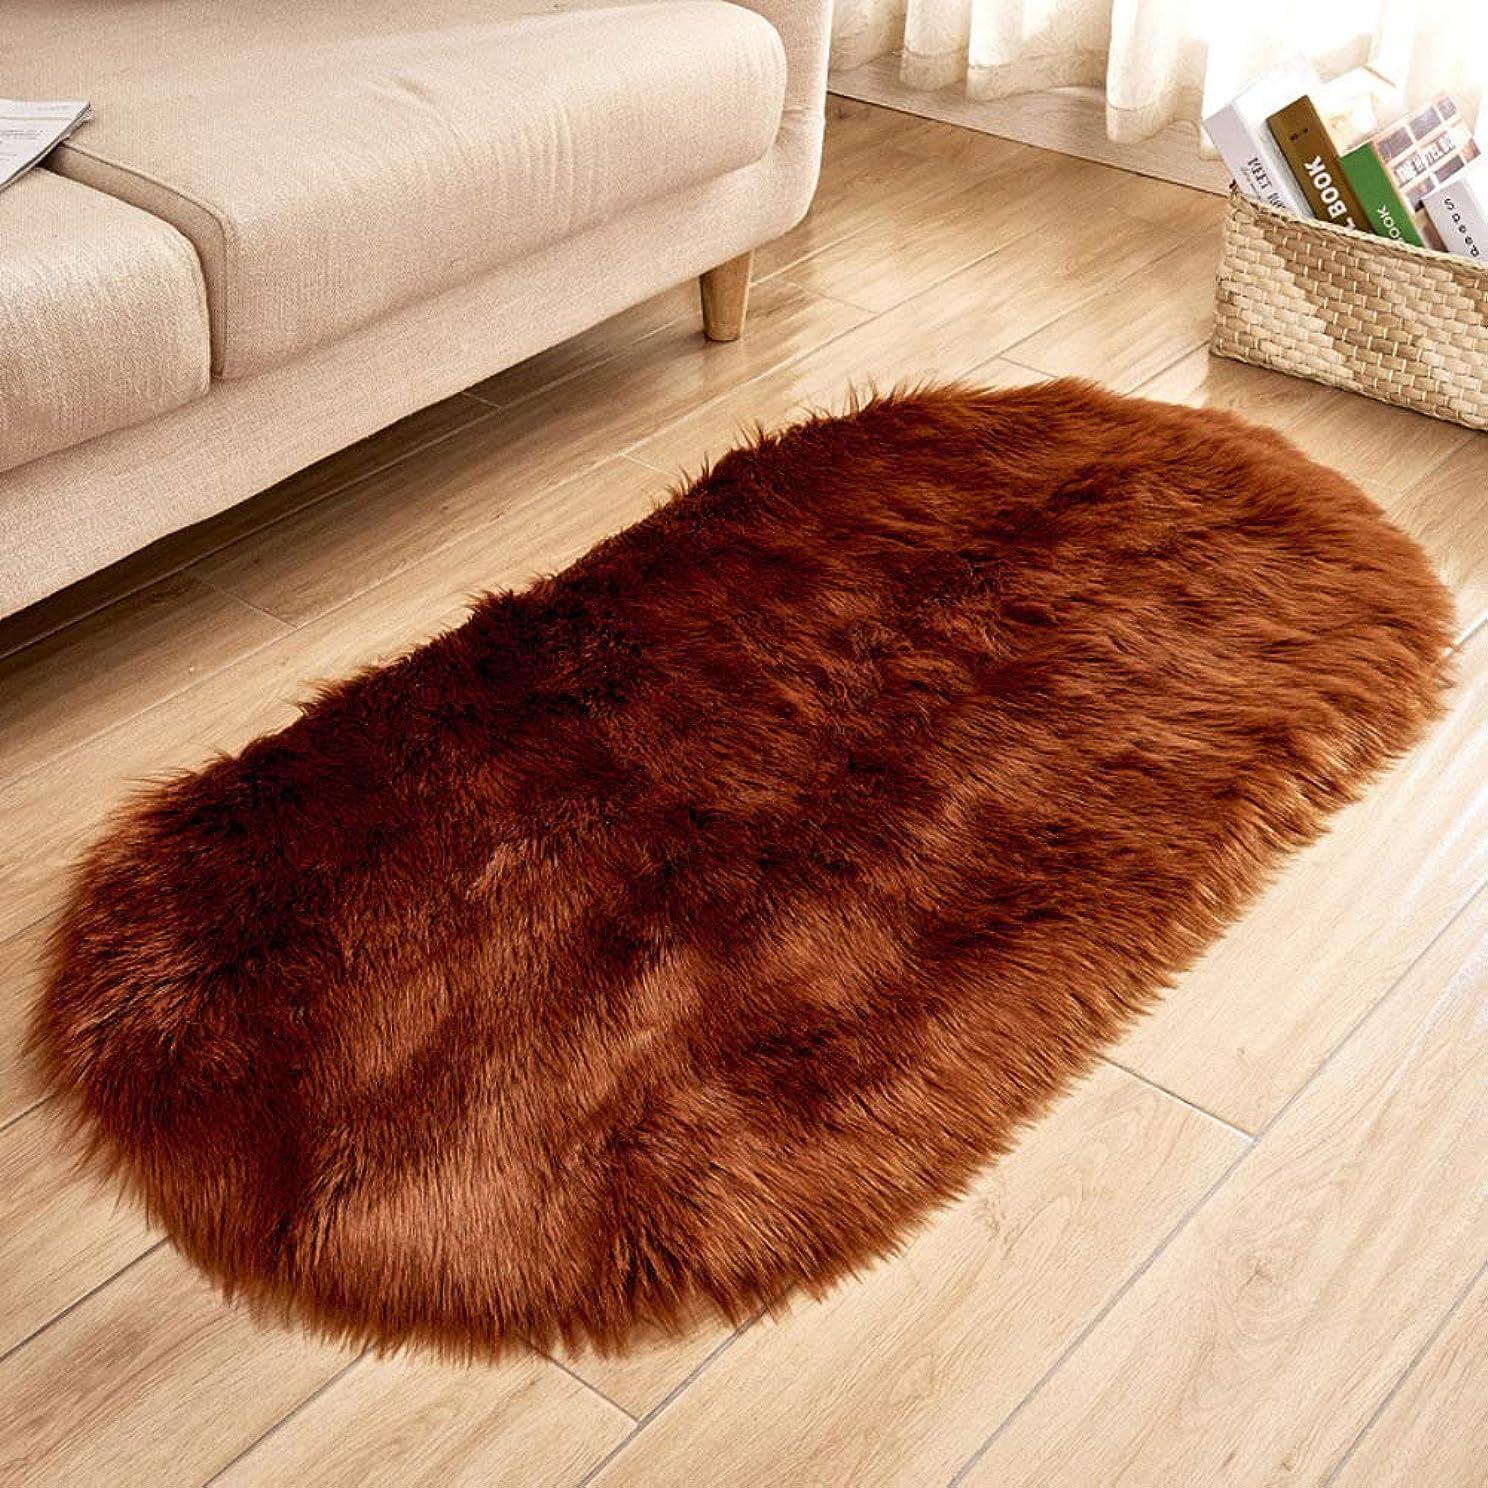 契約バリーメッセージスーパーソフト オーバル カーペット シャギー ラグ, 絹のような 玄関マット 装飾的なラグ 持続可能です 洗える の屋内 廊下 リビング ルーム-ブラウン 60x150cm(24x59inch)